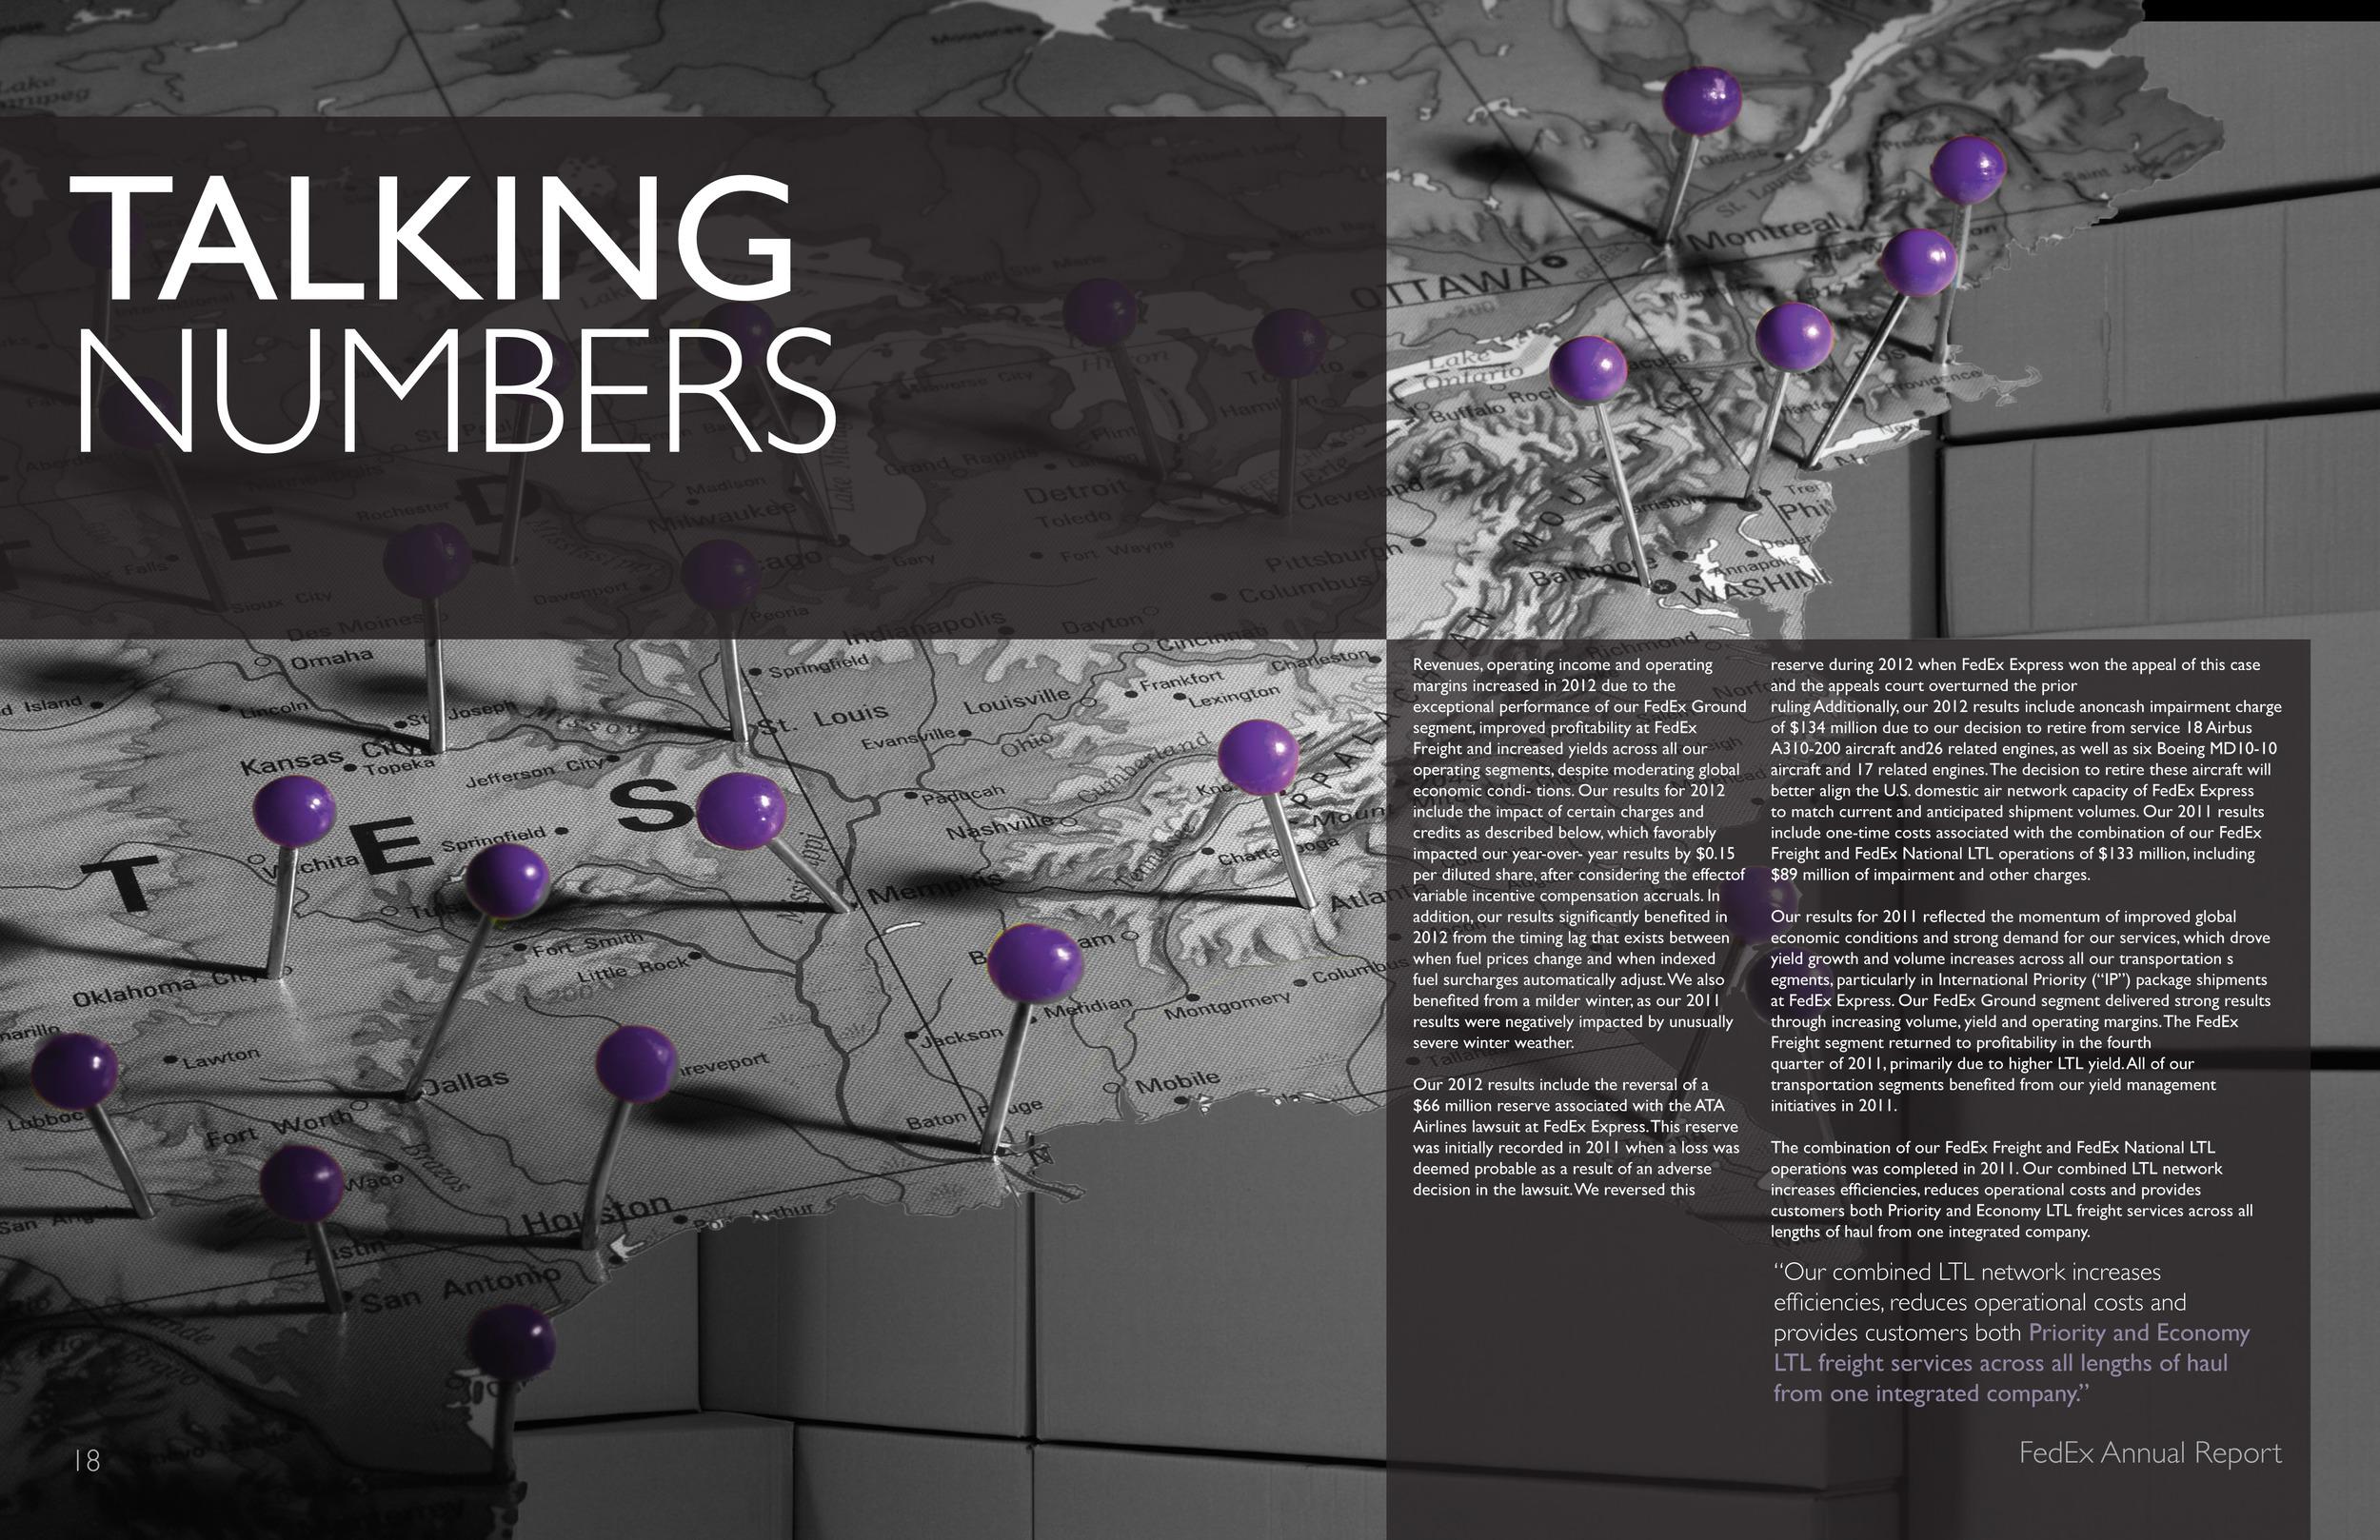 anual report-10.jpg